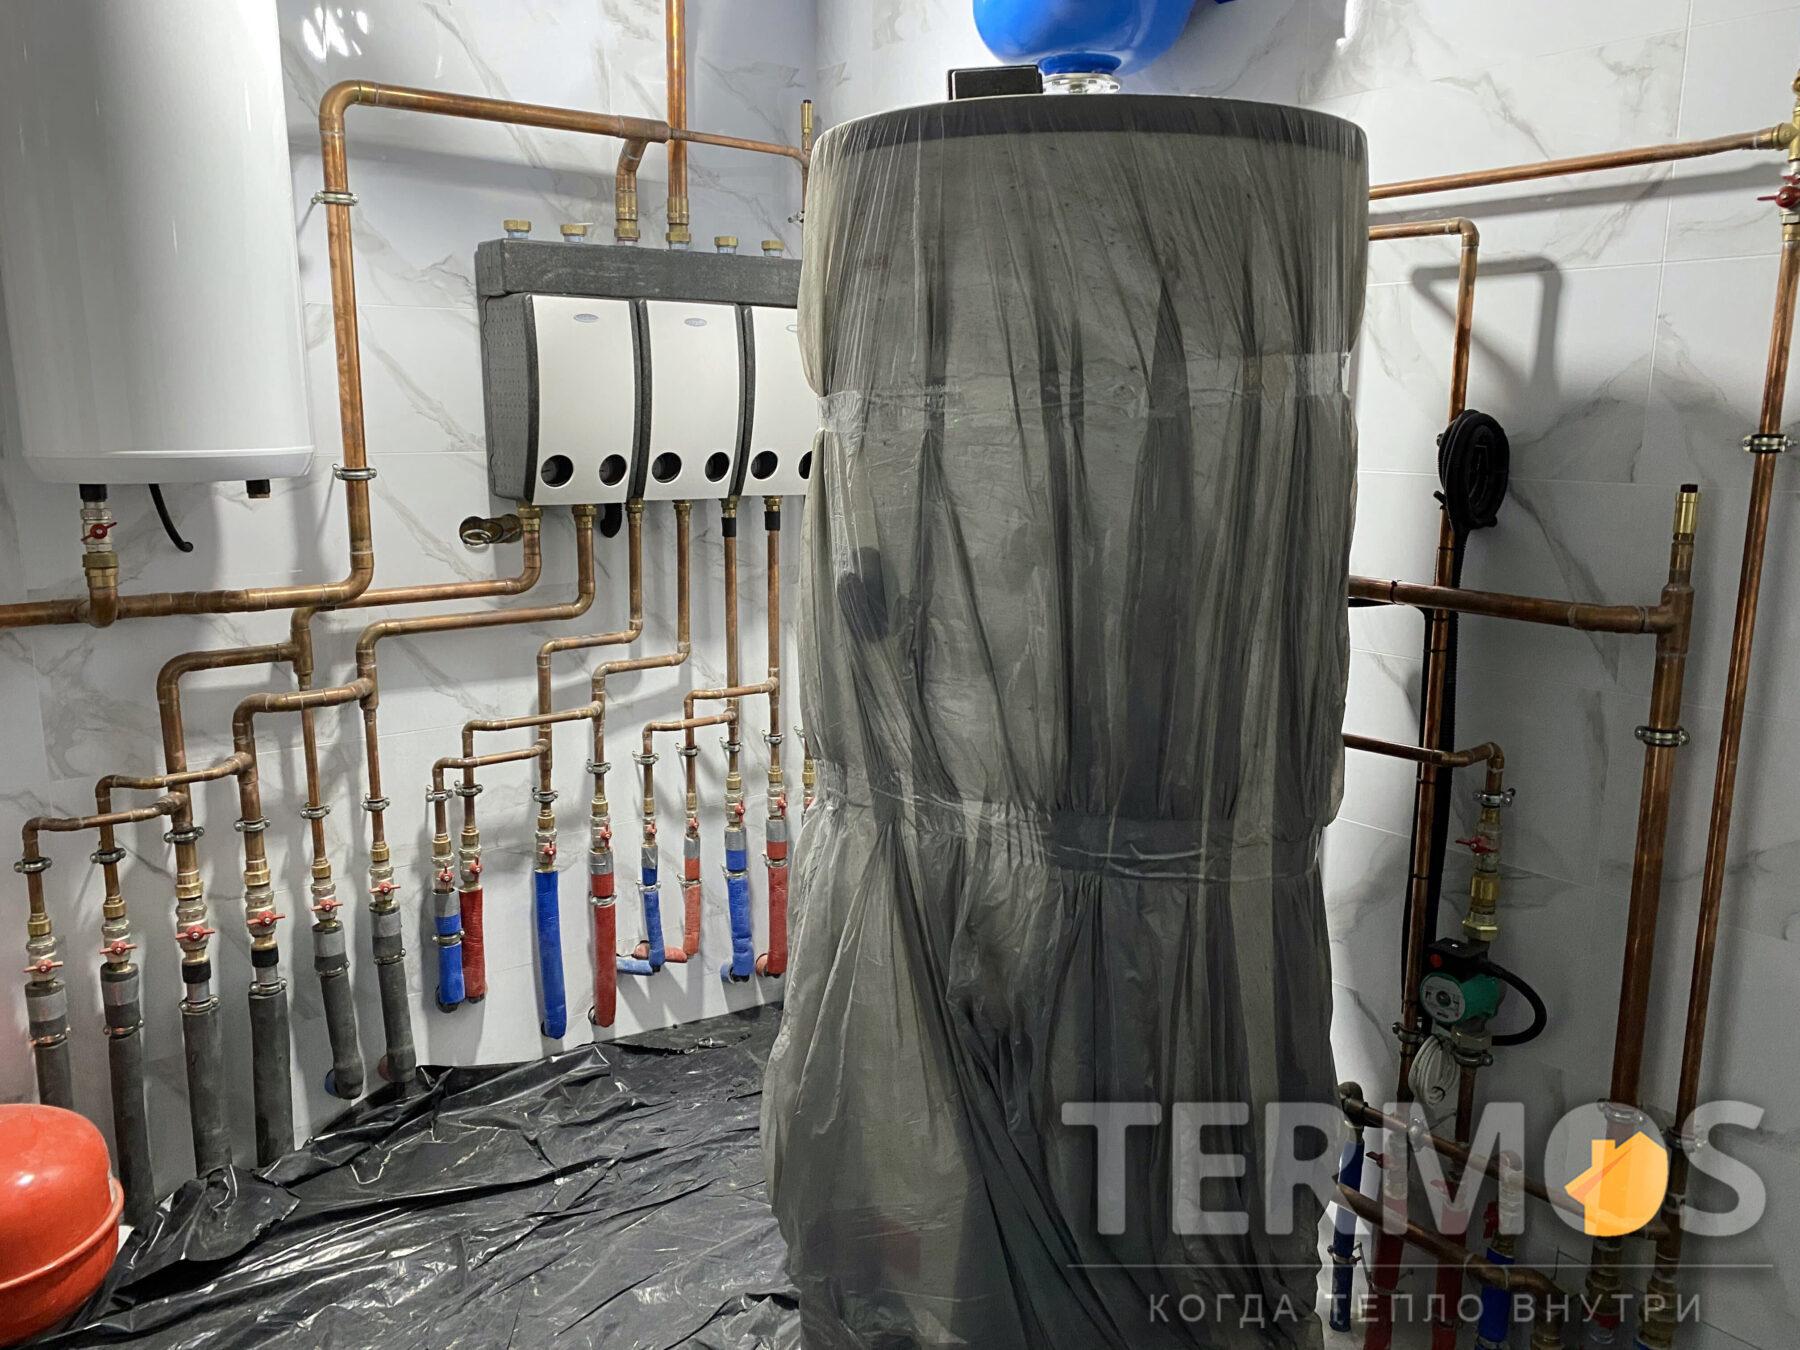 Бойлер непрямого нагріву 500 л. зі збільшеним теплообмінником. Забезпечує приготування гарячої води